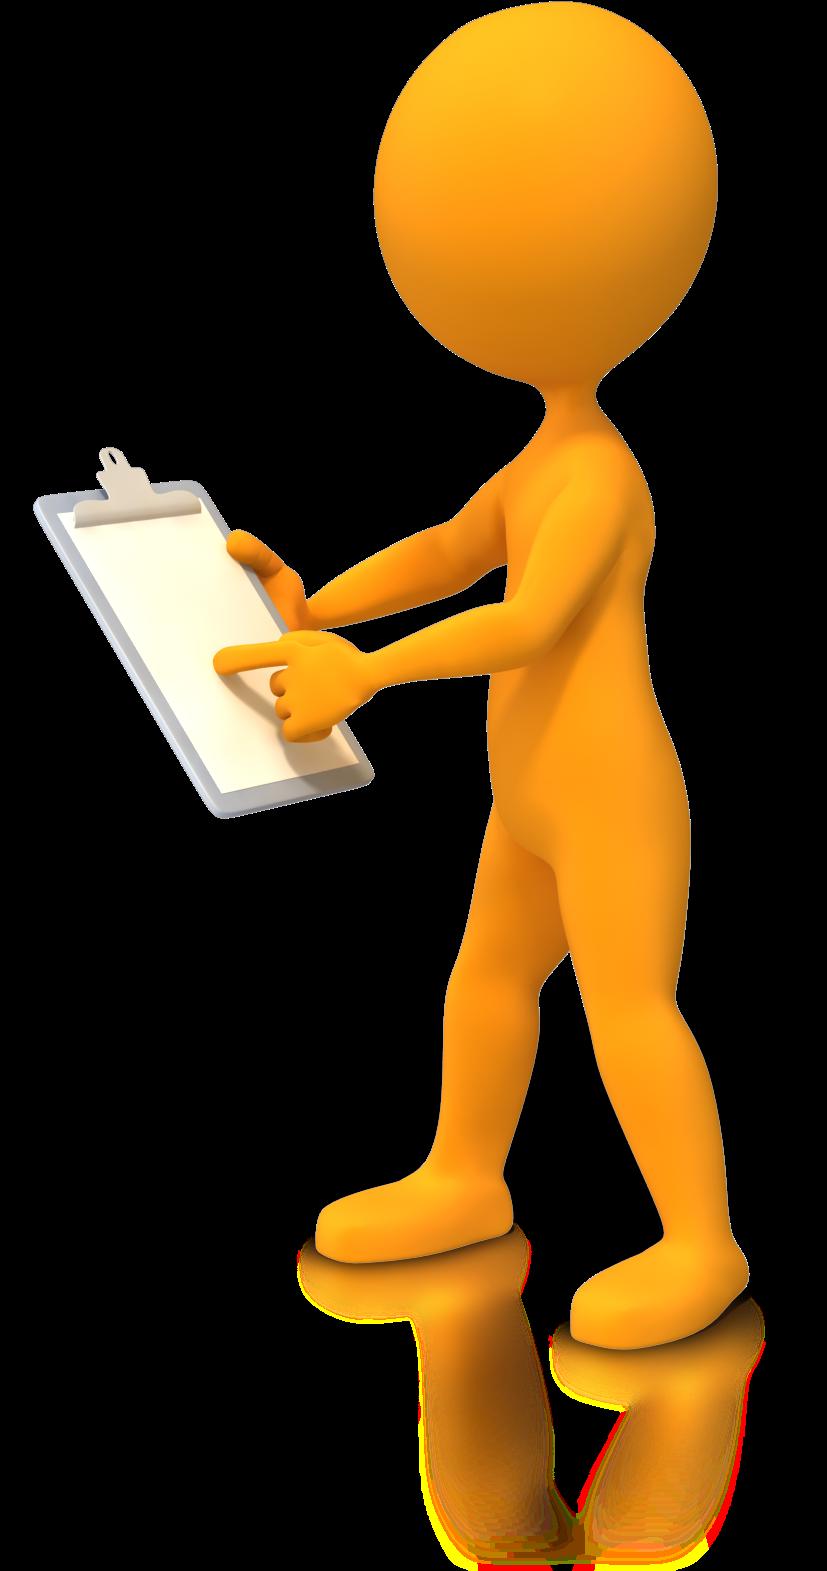 Картинка человечка для анимации, святослав